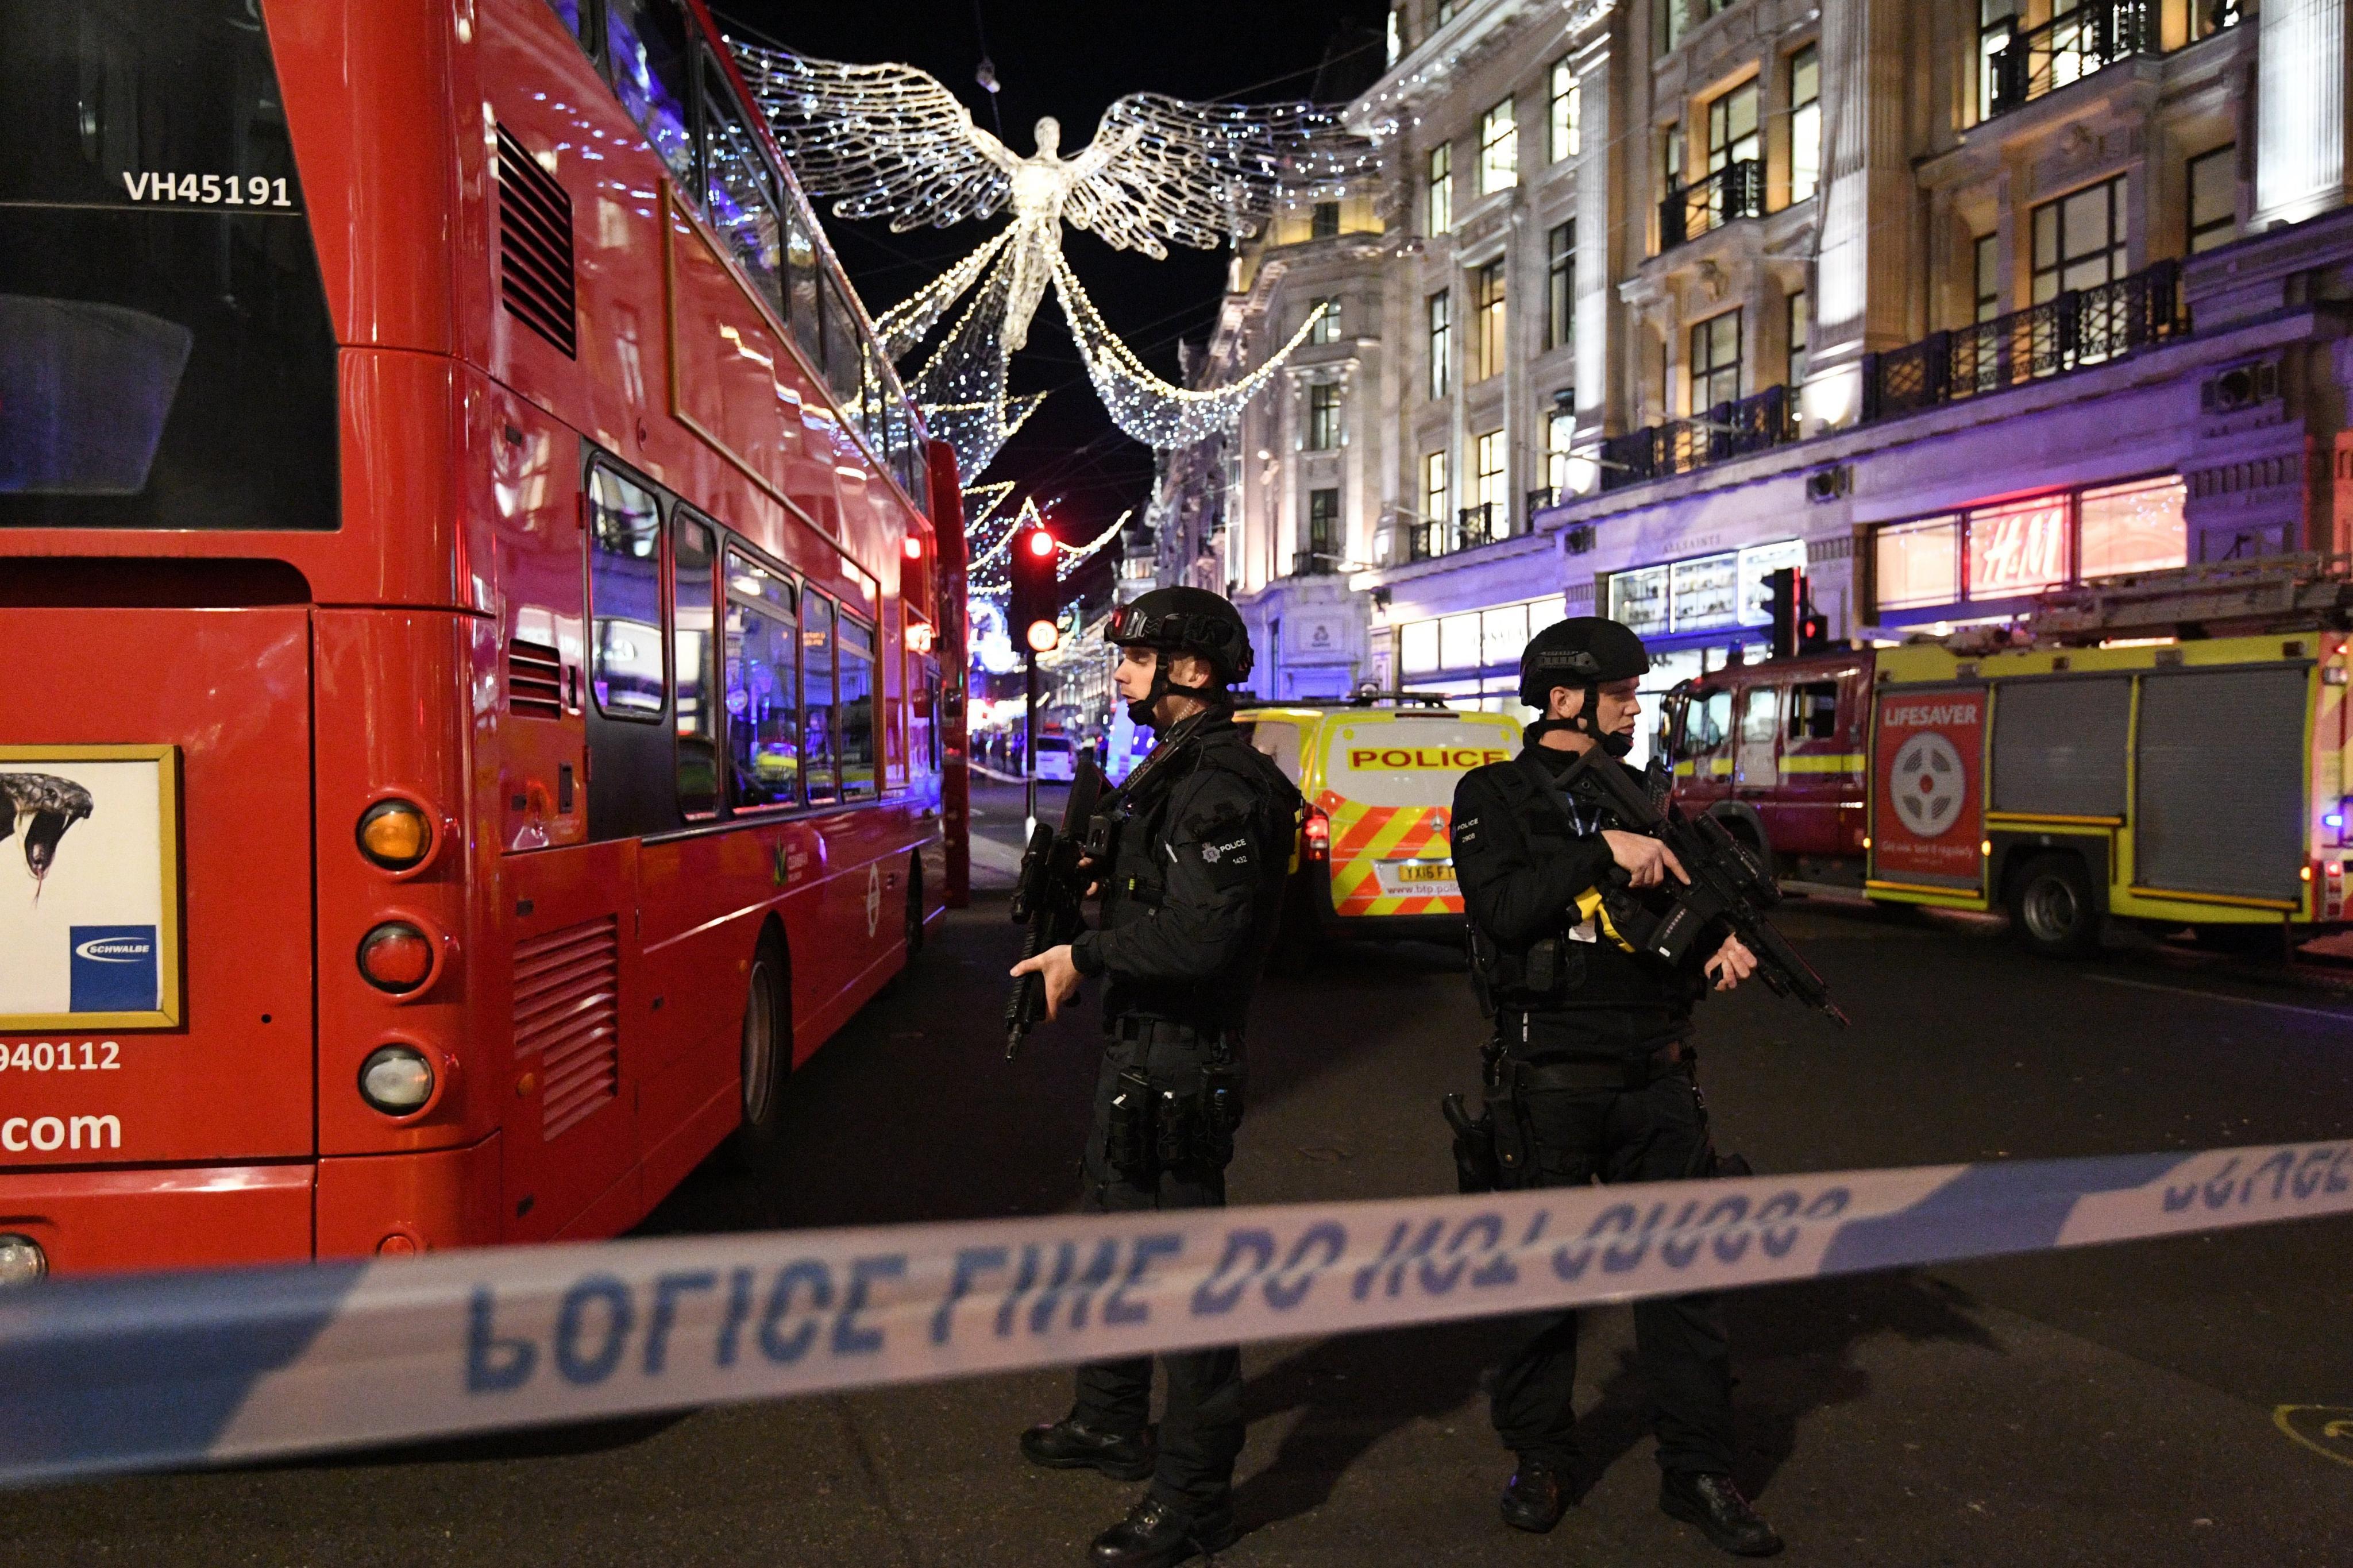 Reportan disparos en estación de Metro en Londres